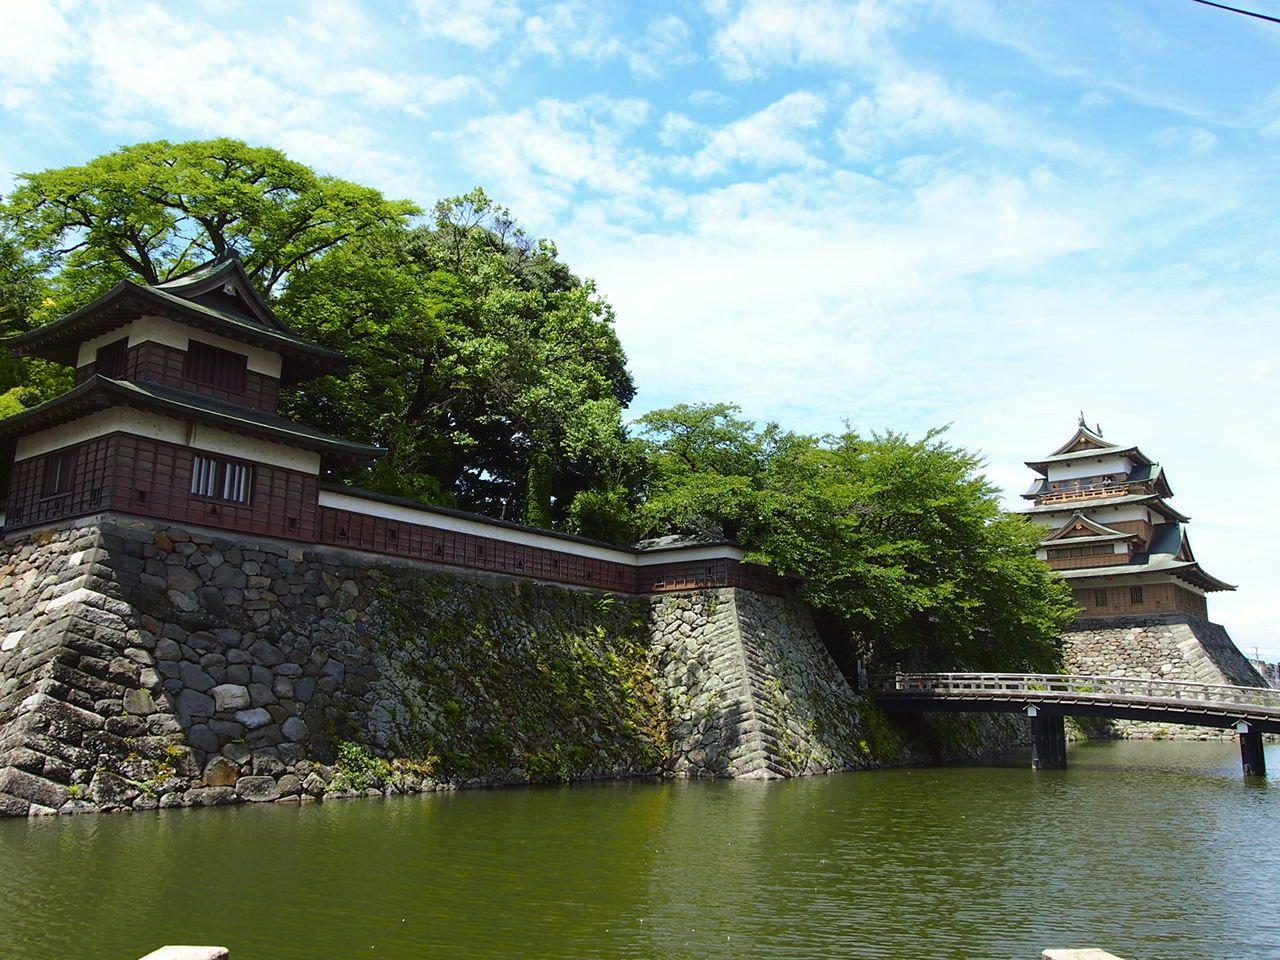 諏訪湖に浮かぶ三大湖城!続日本100名城に選ばれた「高島城」って?